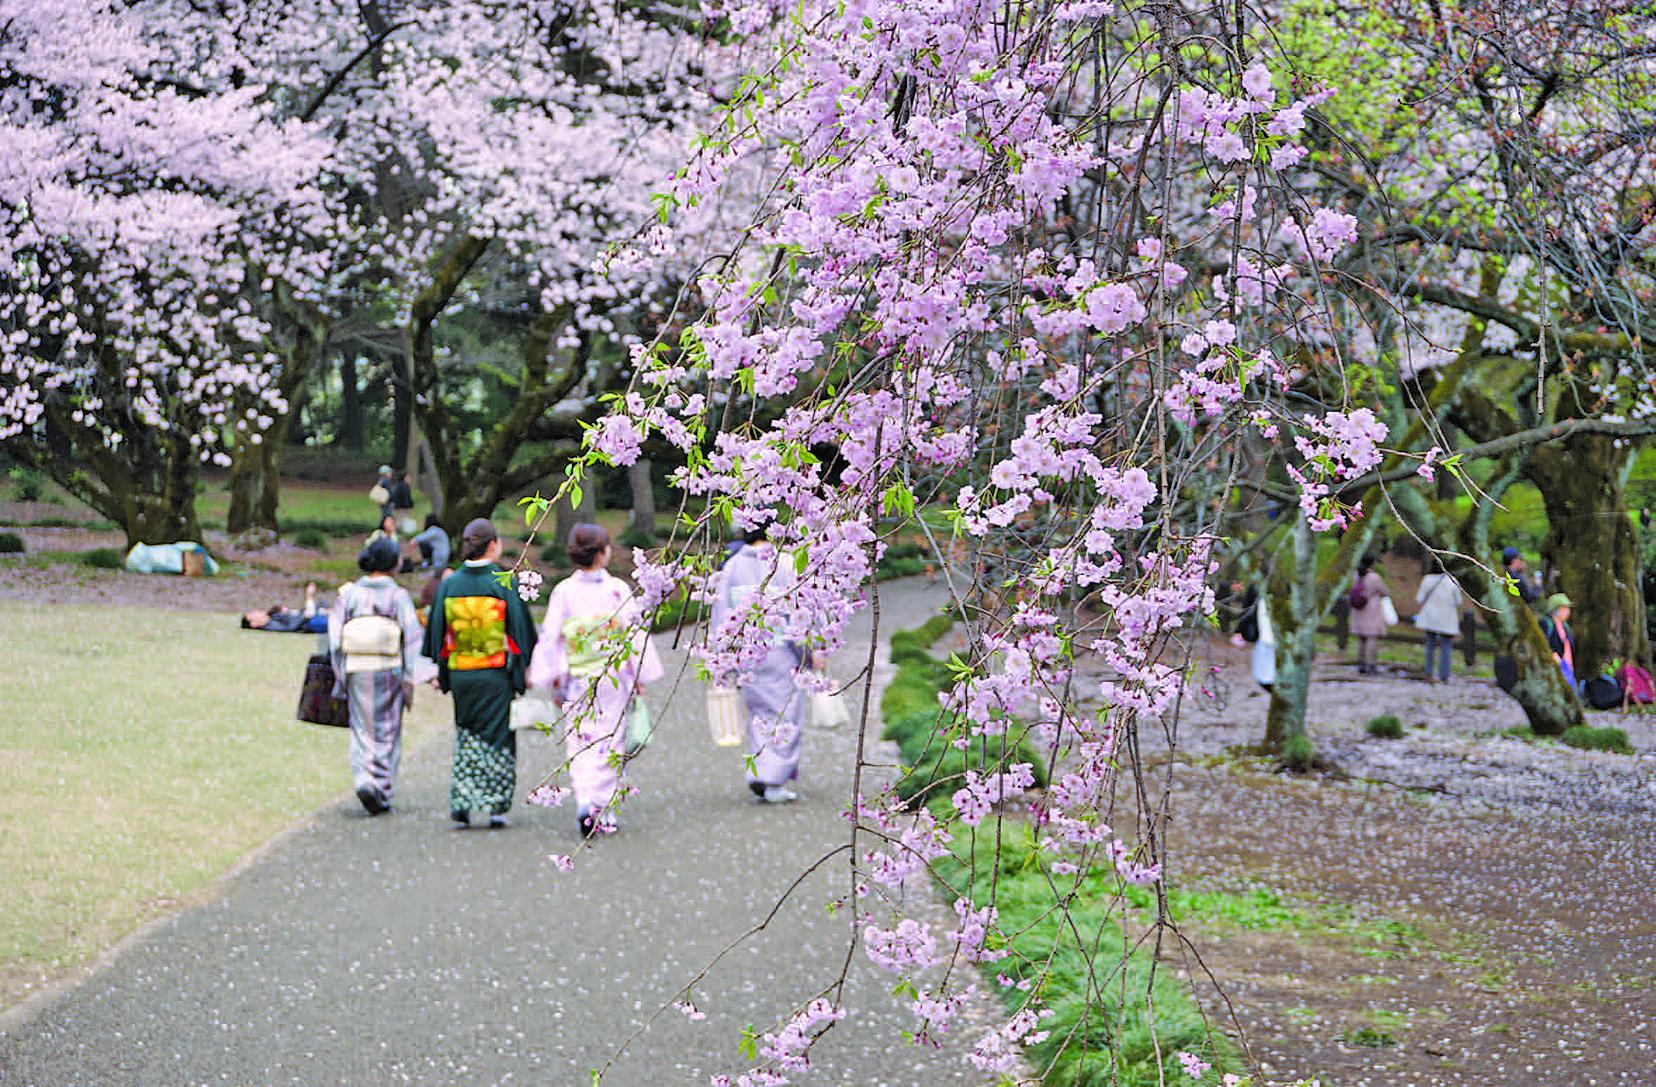 每年的櫻花時節,一期一會,櫻花樹下,人流如潮。微風拂過,花謝花飛,飄落時留下一份悠然、無悔的意境。攝於東京的新宿御園(盧勇/大紀元)